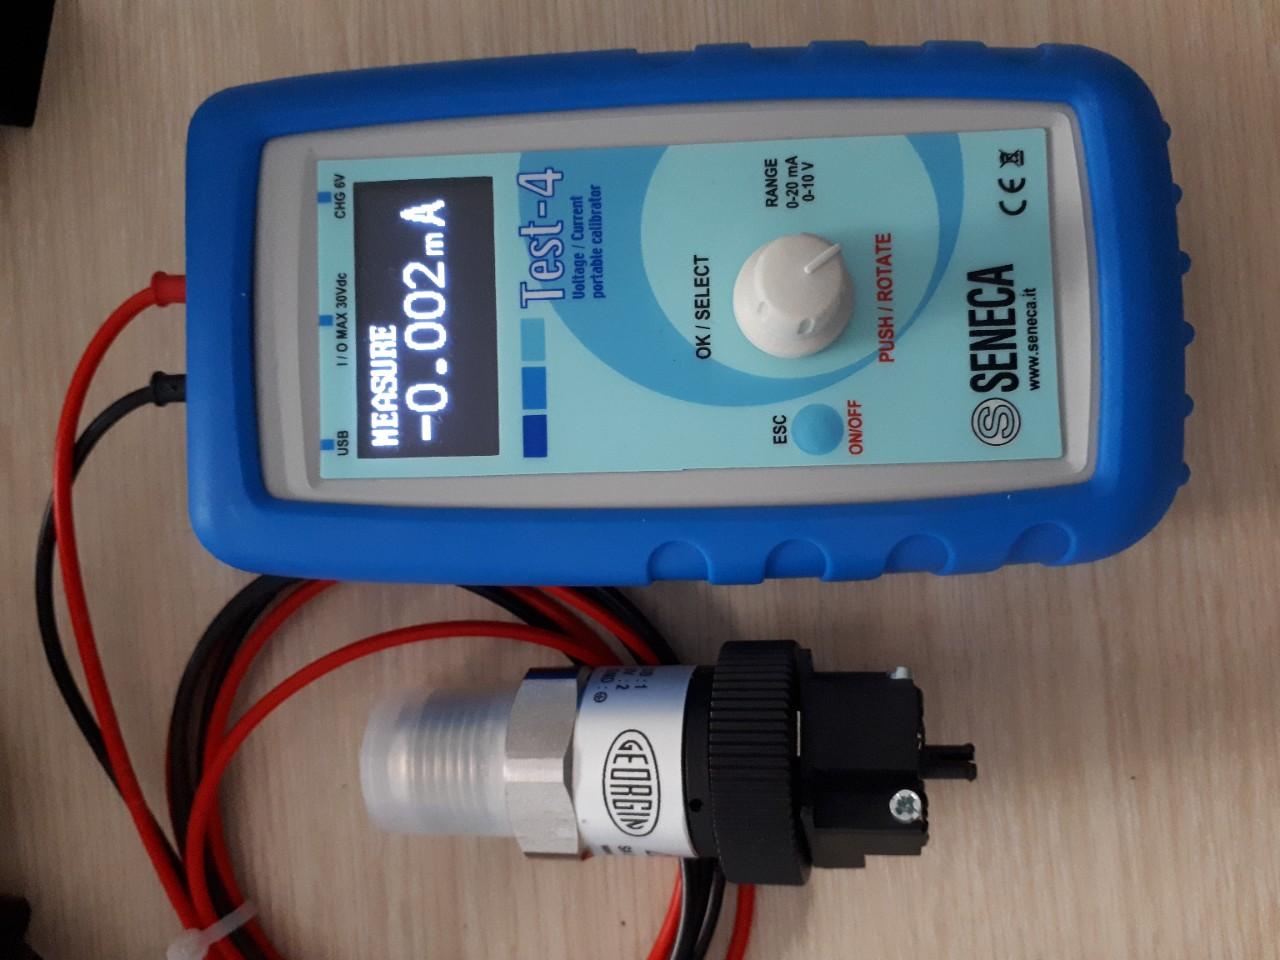 trước khi kiểm tra tín hiệu 4-20mA với cảm biến áp suất